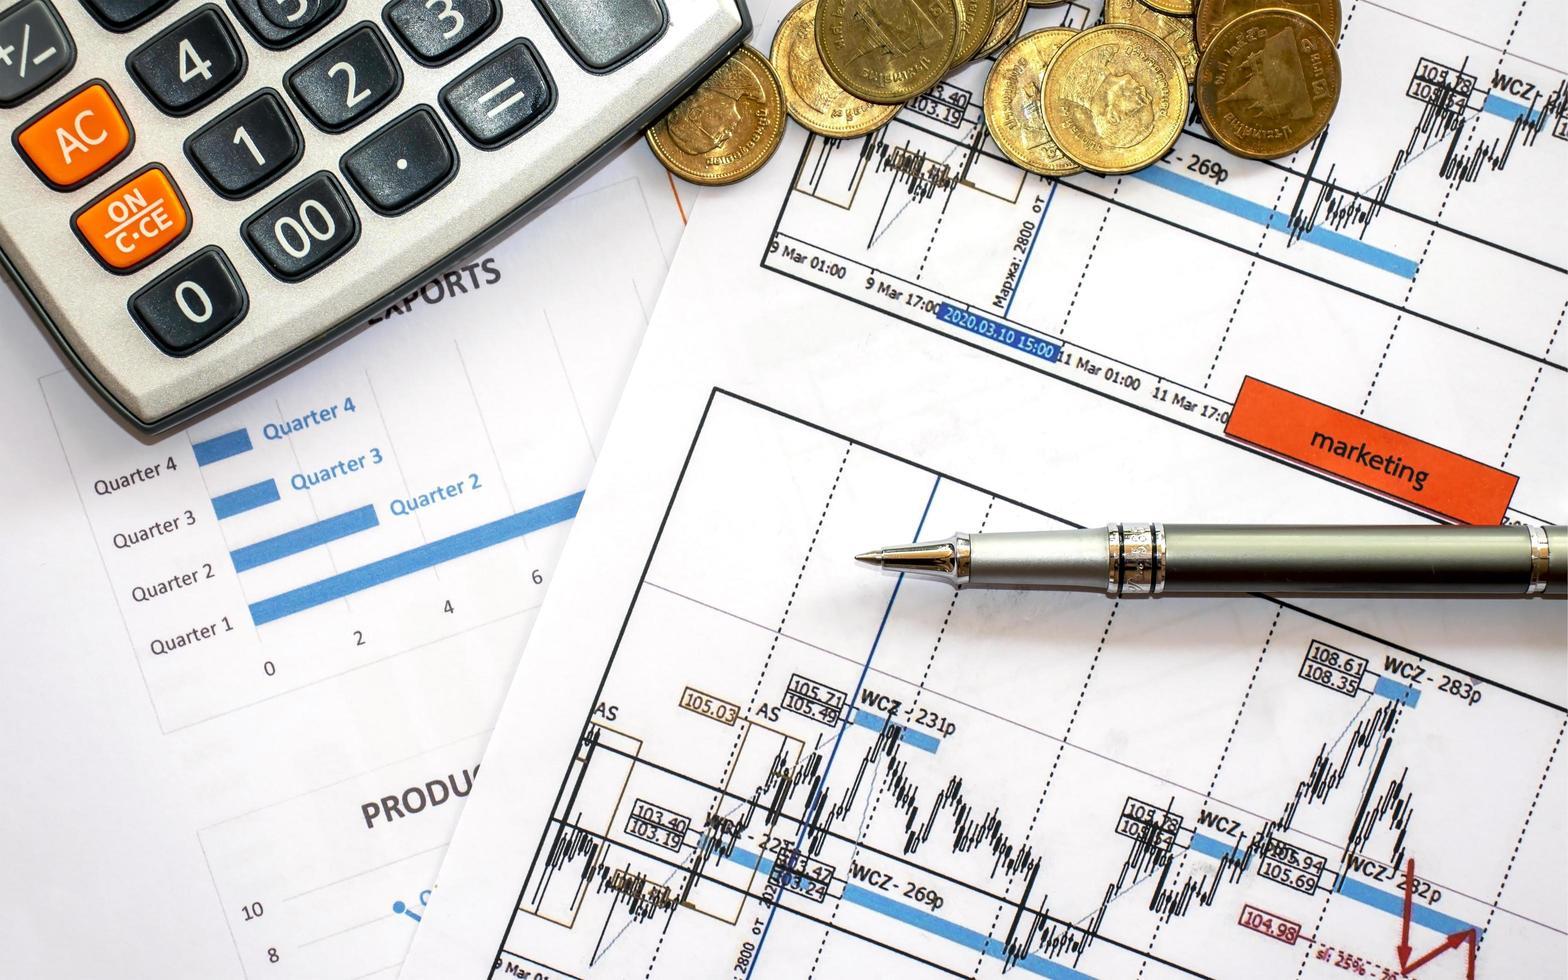 artículos financieros en el escritorio foto